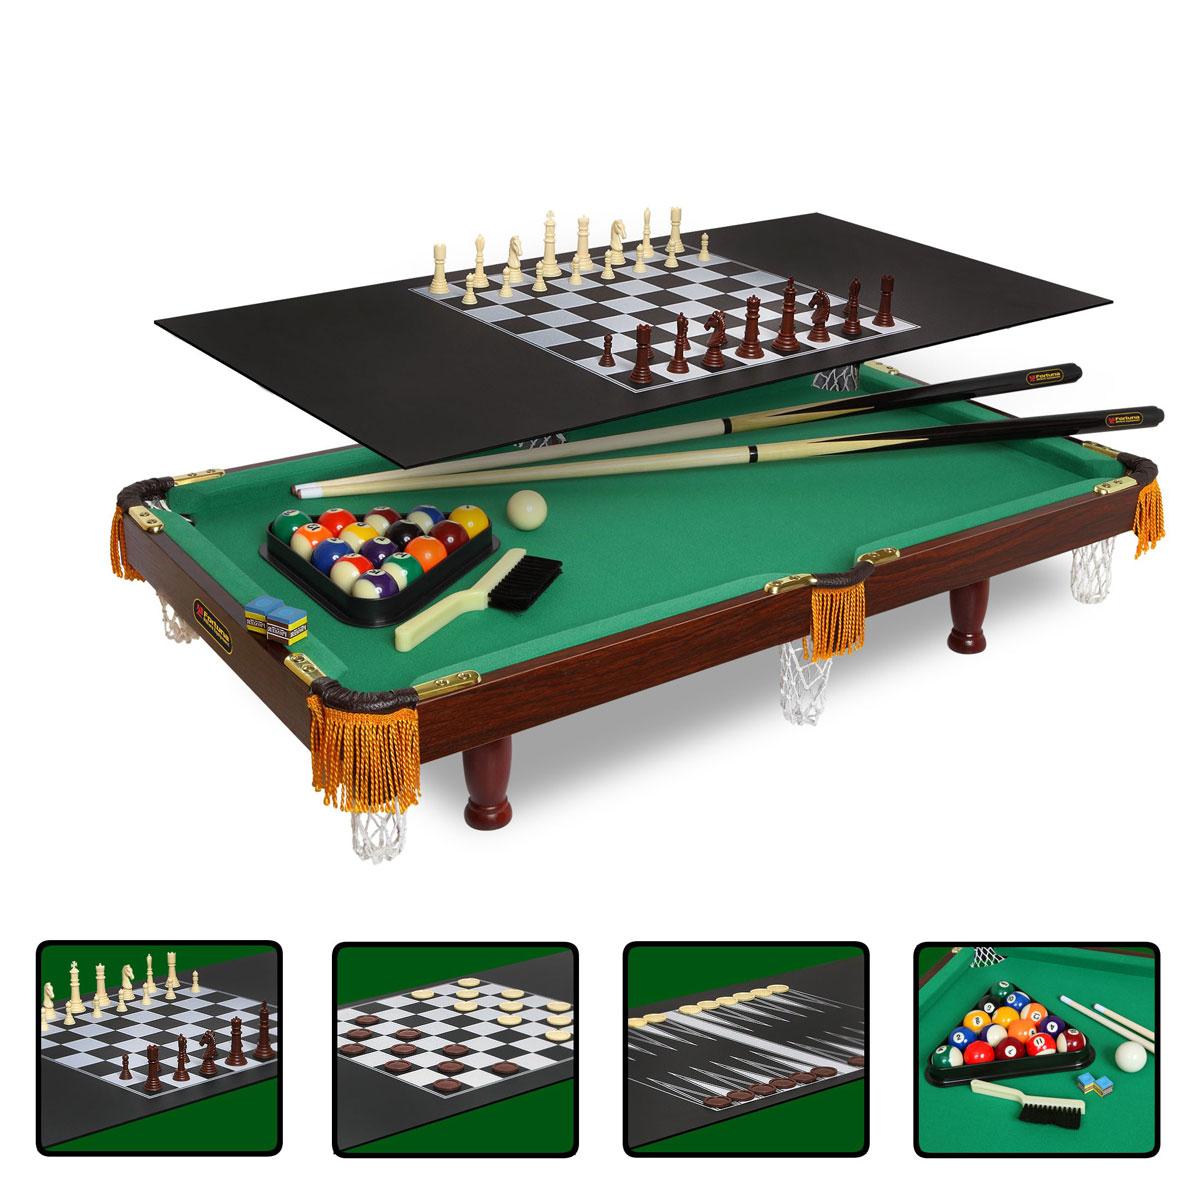 Стол бильярдный Fortuna, для американского пула, 4 в 1, 84 см х 42 см07736Бильярдный стол Fortuna - это многофункциональный игровой стол, включающий 4 игры: американский бильярд, шашки, шахматы и нарды.Основой служит бильярдный стол размером 3 фута для игры в американский пул с плитой из ЛДСП толщиной 9 мм, покрытой сукном традиционного для бильярда цвета English Green (английский зеленый). Для использования стола в качестве основы для других видов игр используется дополнительная плита толщиной 3 мм черного цвета, на которой размещается игровое поле с разметкой для соответствующей настольной игры (шашки, нарды или шахматы).Комплект аксессуаров: 1. Для игры в американский пул:Комплект шаров диаметром 32 мм (16 шт.).Треугольник для шаров.2 кия длиной 91,44 см.2 мелка Pioner (синие).Щетка для ухода за сукном.2. Для игры в шашки:Игровое поле с нанесенной на него соответствующей разметкой.Шашки 2-х цветов (коричневые и белые) по 12 шт. каждого цвета (всего 24 шт.). 3. Для игры в шахматы:Игровое поле с нанесенной на него соответствующей разметкой.Шахматные фигуры 2 комплекта разного цвета (коричневые и белые) по 16 фигур каждый (всего 32 шт.).4. Для игры в нарды:Игровое поле с нанесенной на него соответствующей разметкой.Фишки 2-х цветов (коричневые и белые) по 15 шт. каждого цвета (всего 30 шт.).